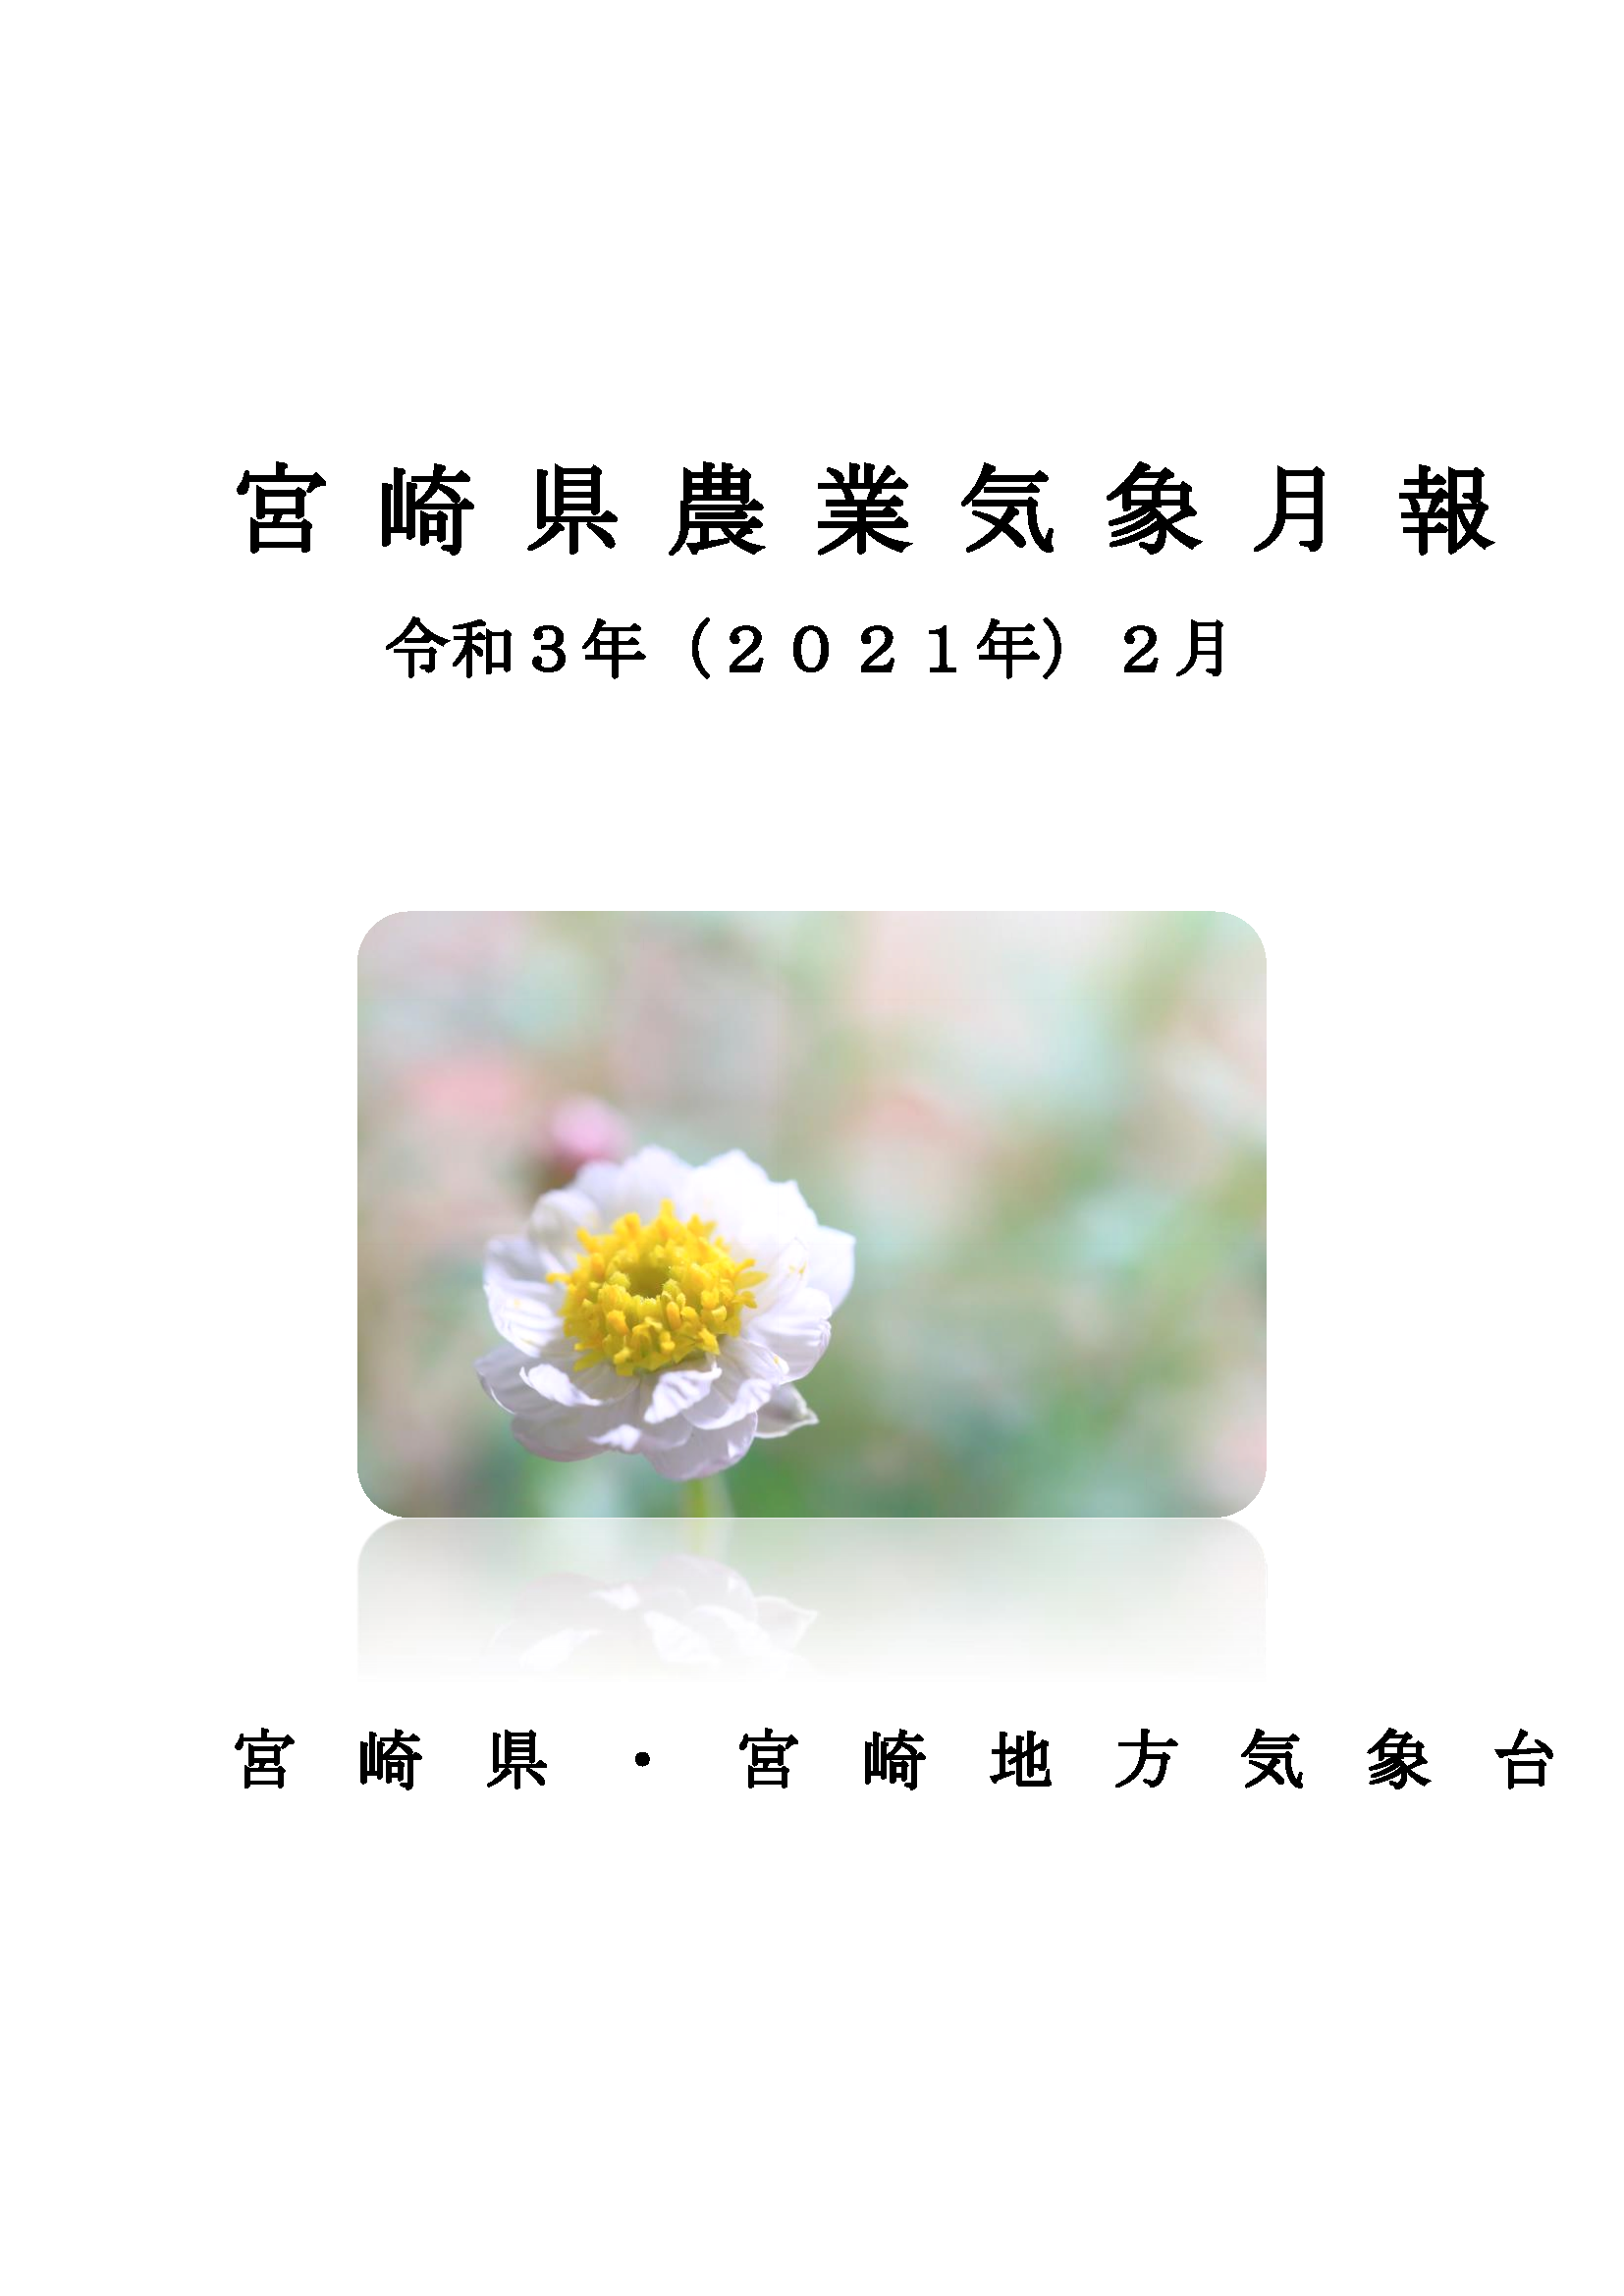 令和3年2月農業気象月報PDF